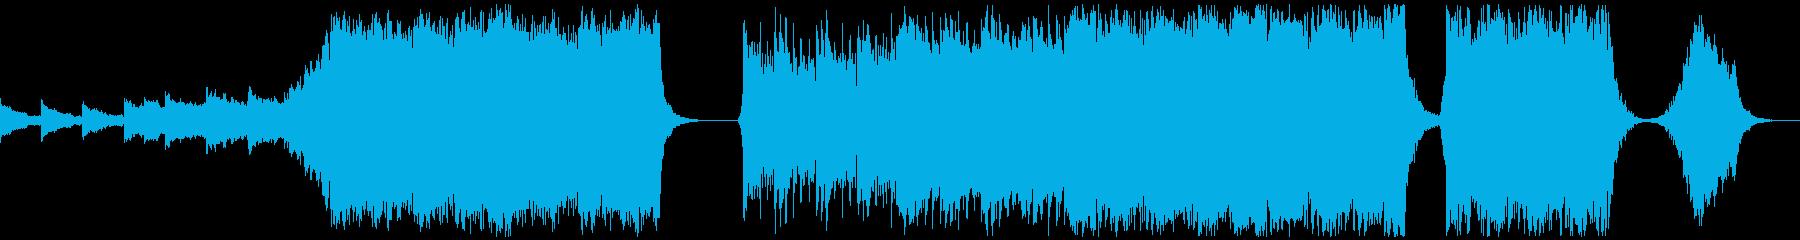 【予告編】トレーラー・ハリウッドの再生済みの波形